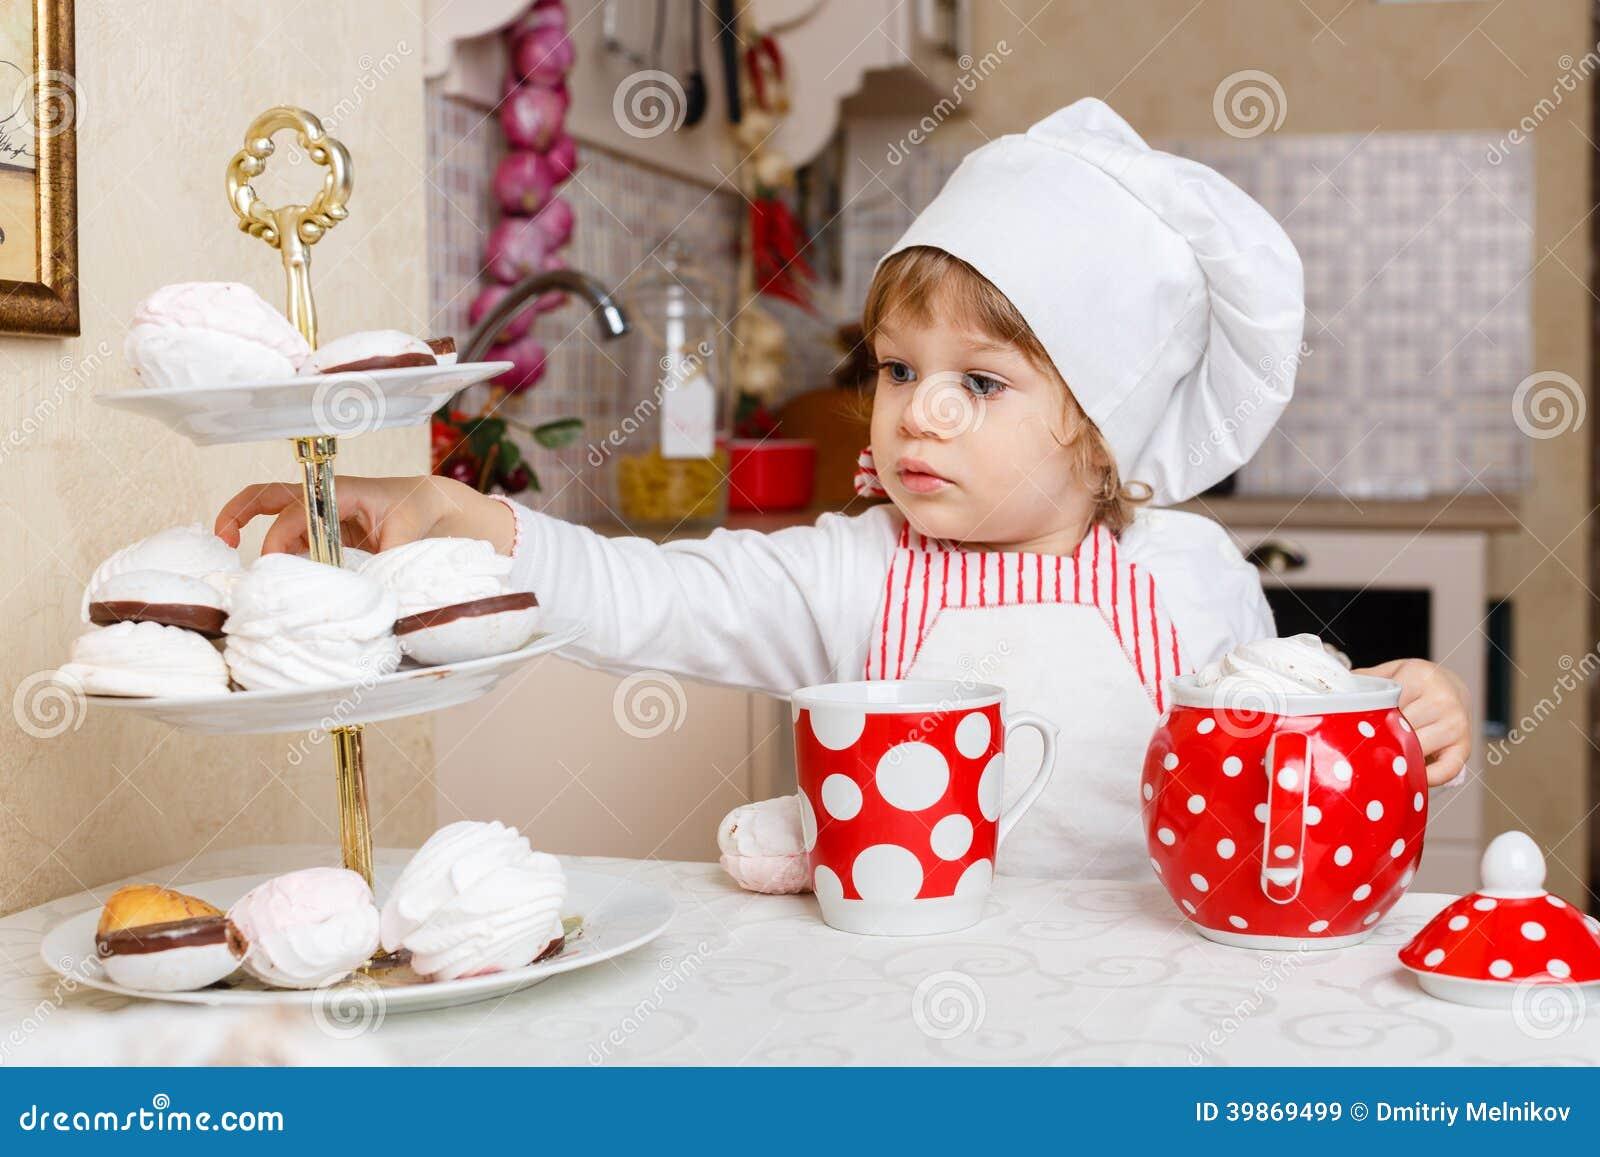 Petite Fille Dans Le Tablier Dans La Cuisine Image Stock Image Du